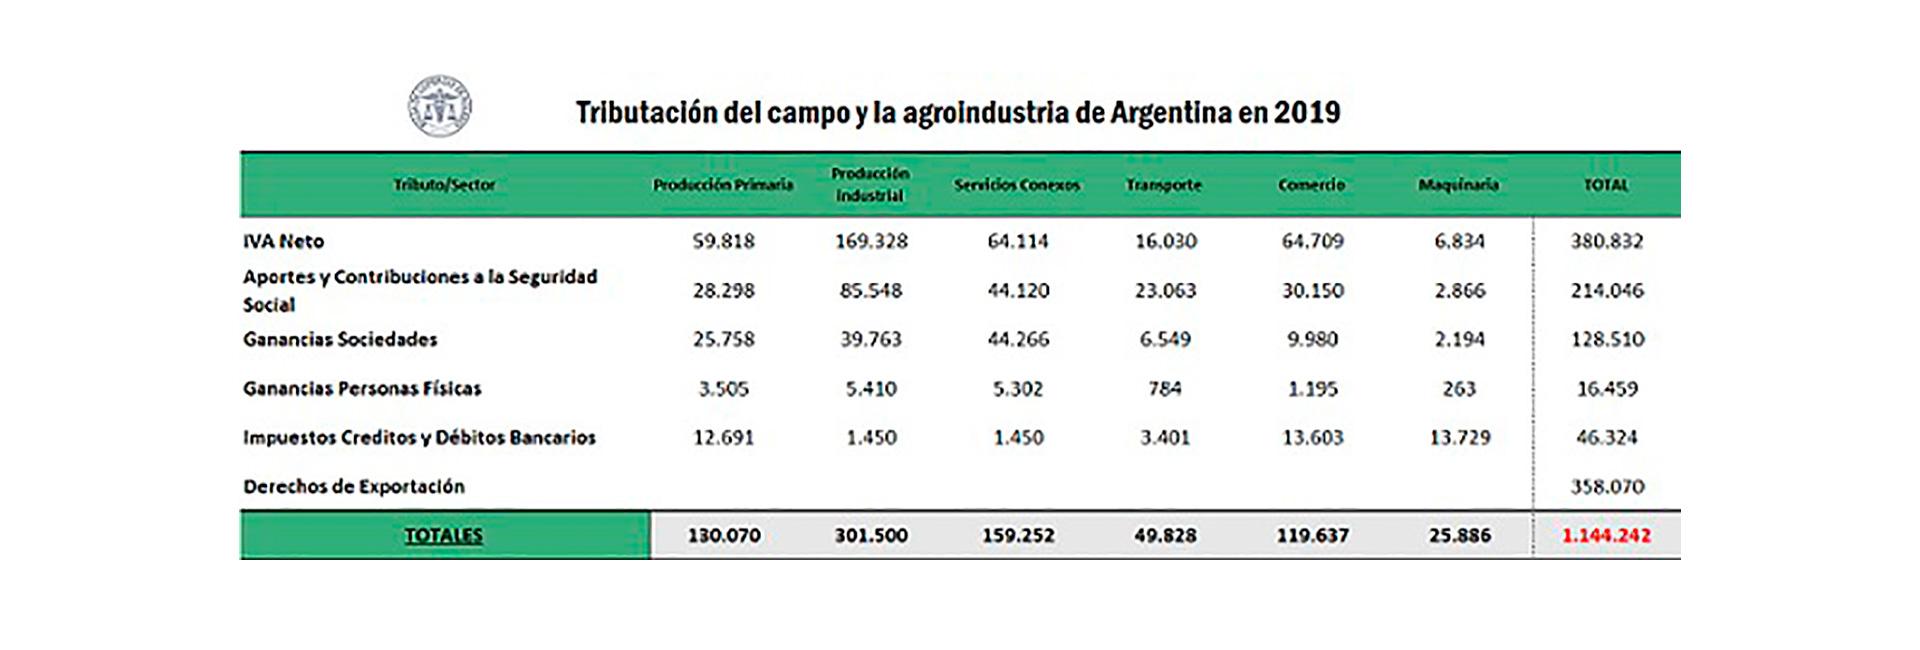 Aporte del campo y la agroindustria en materia impositiva durante el año pasado (Bolsa de Comercio de Rosario)